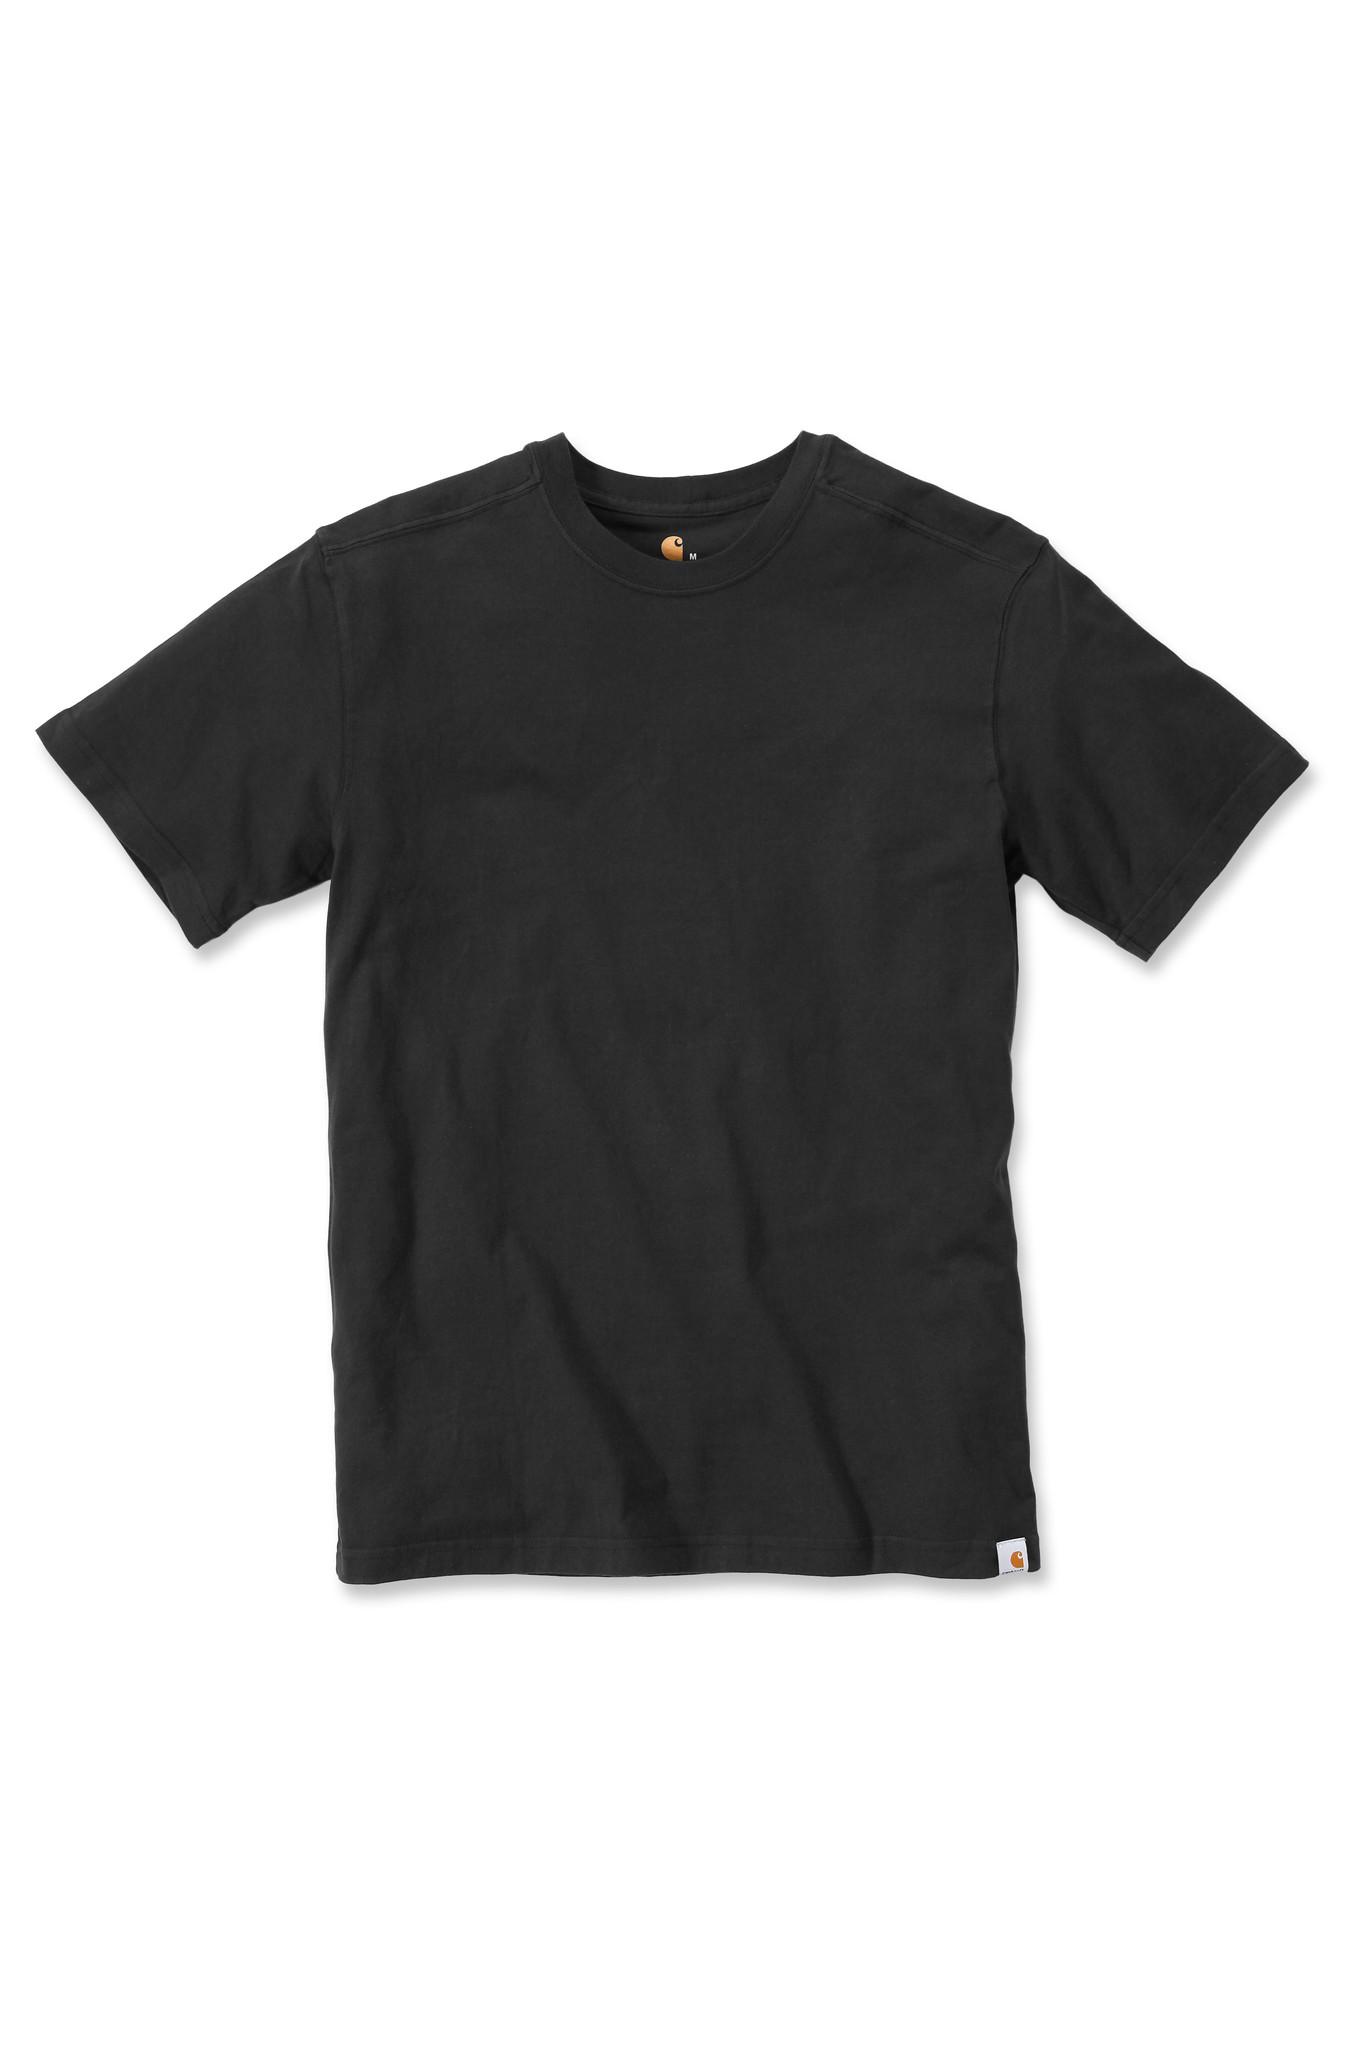 Maddock short sleeve tshirt